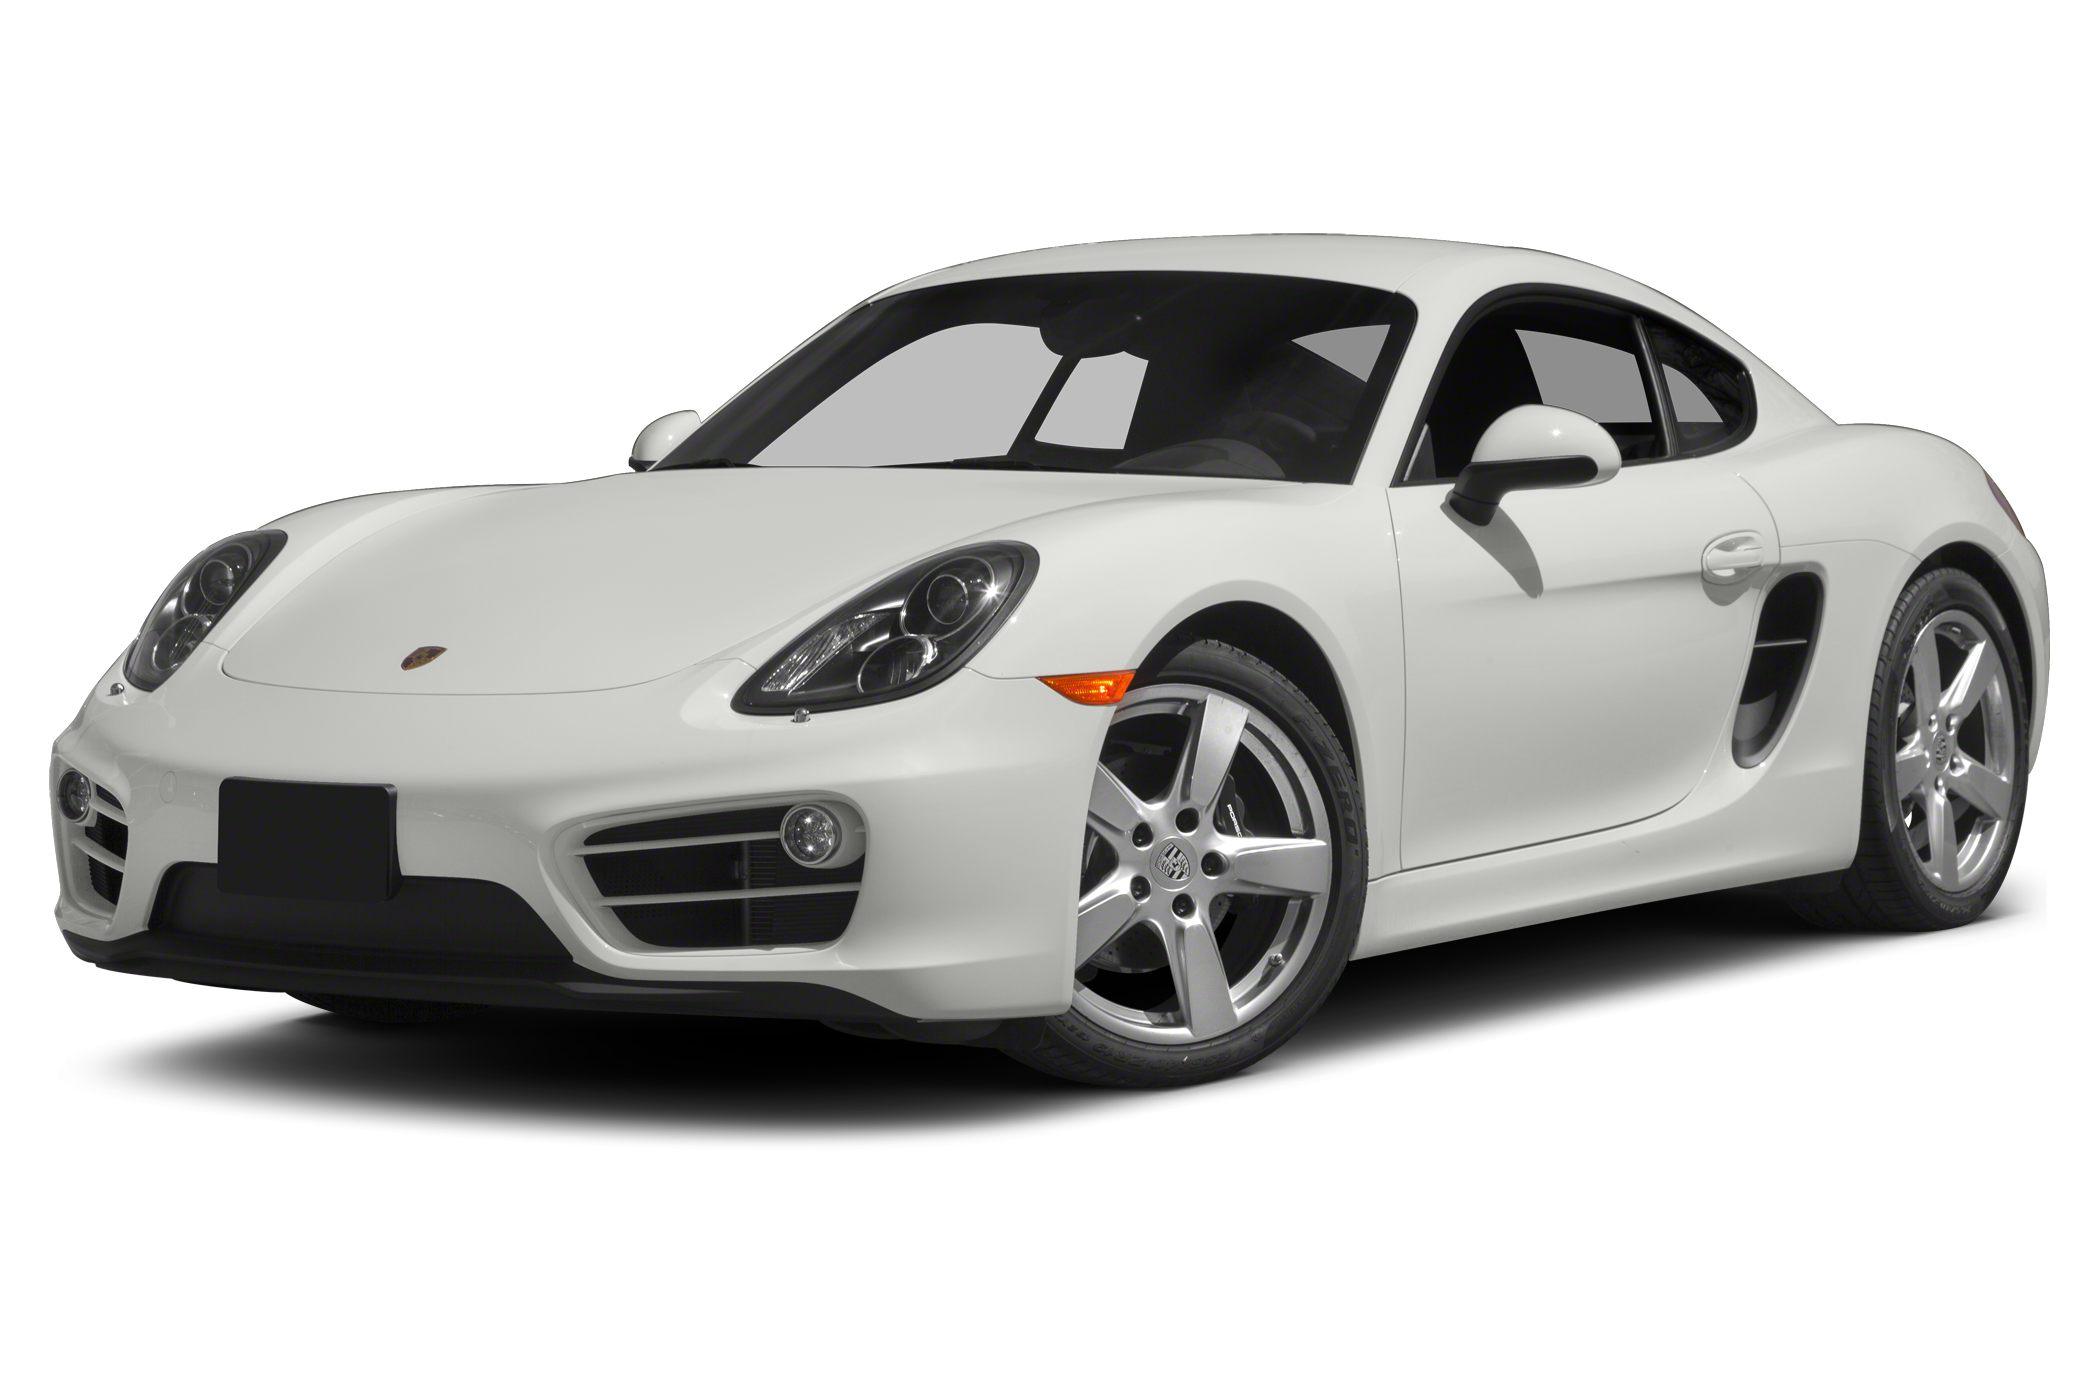 . PlusPng.com 2014 Porsche Cayman Coupe Hatchback Base 2dr Rear wheel Drive Coupe  Photo 3 PlusPng.com  - Porsche PNG